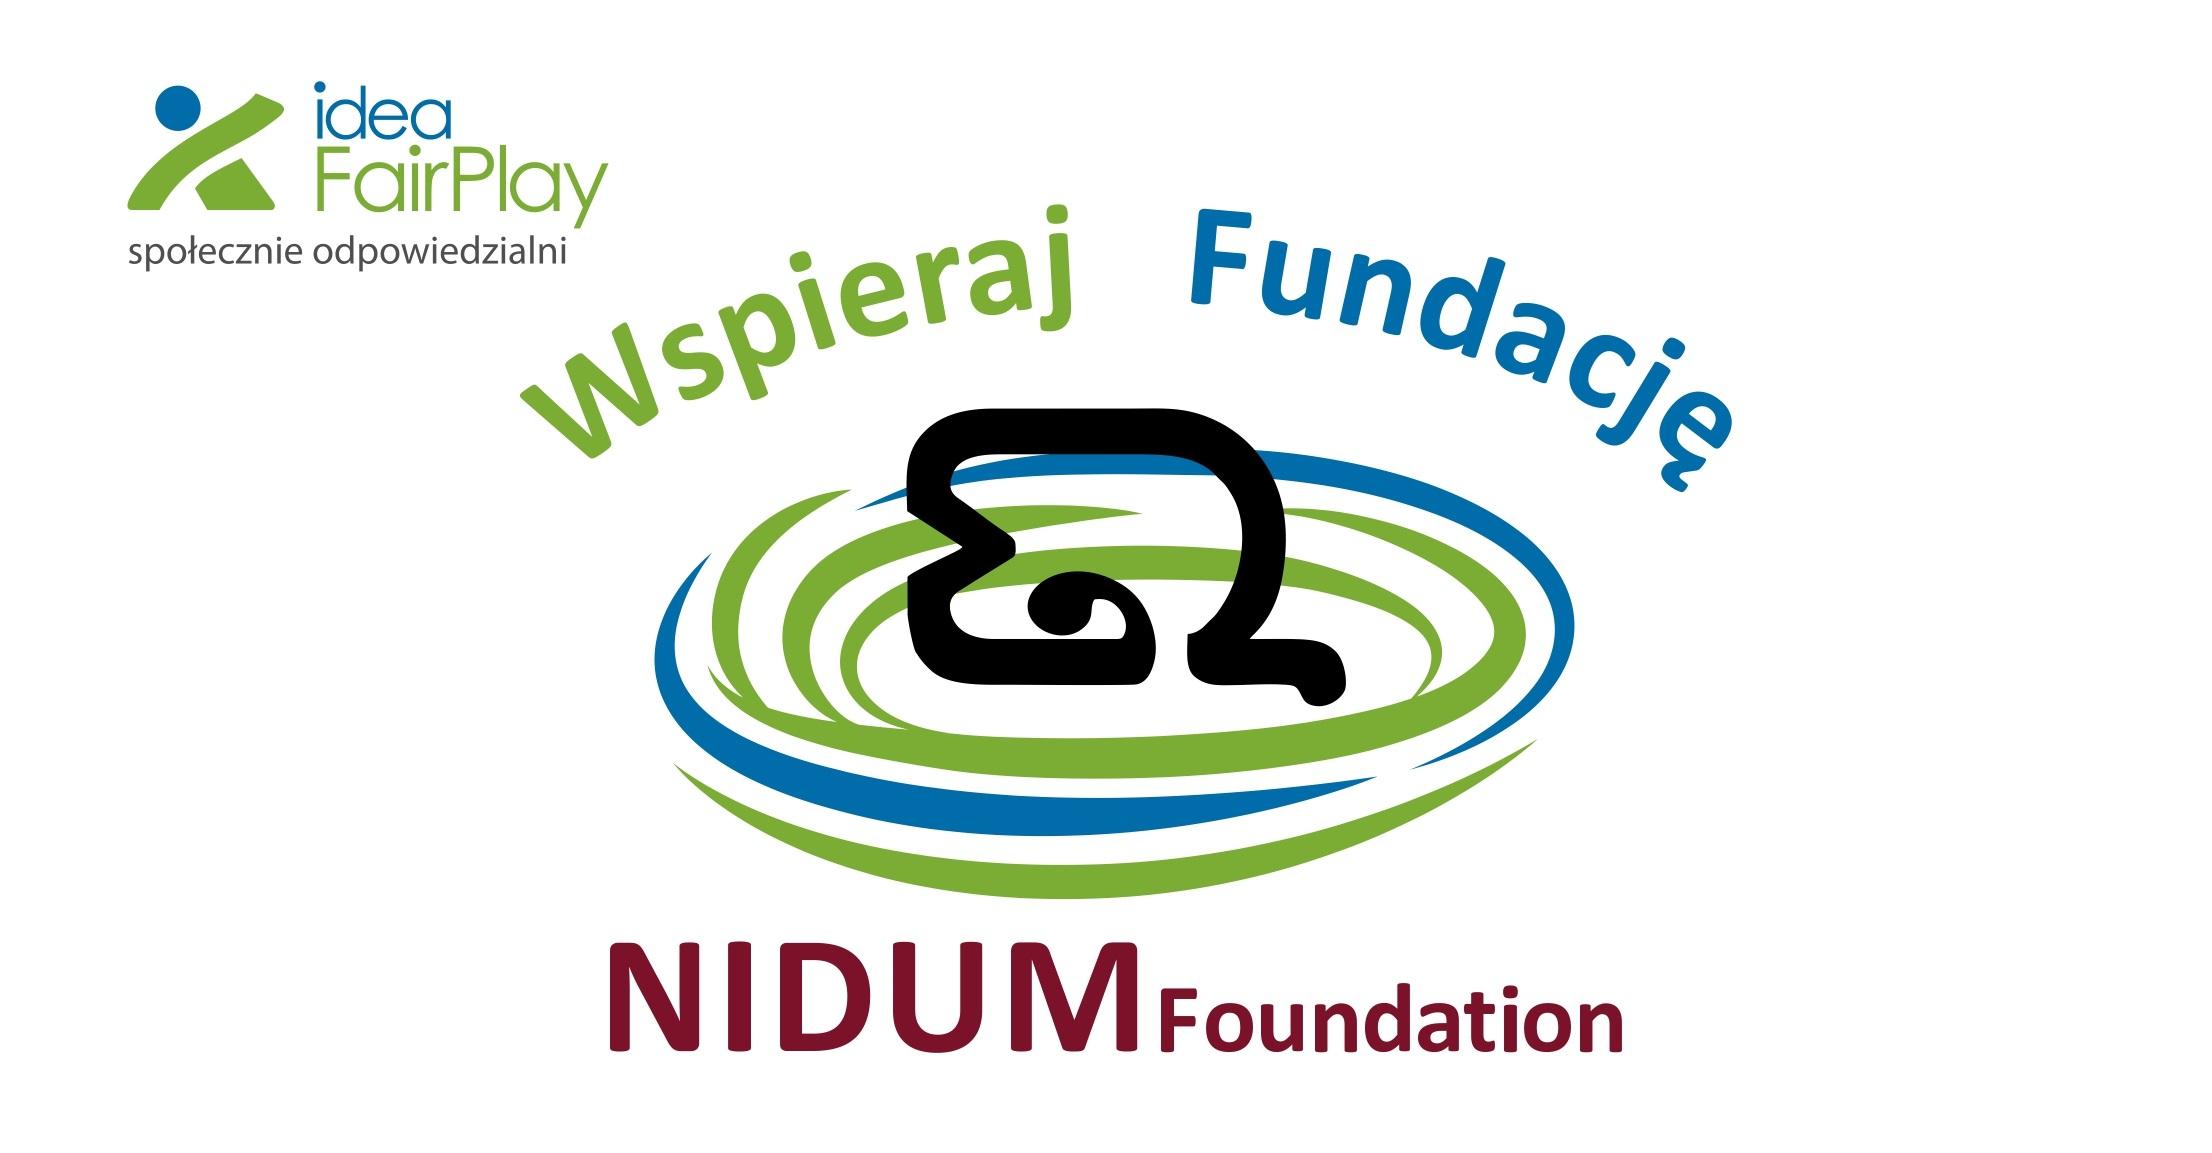 Organizacją wyróżnioną w tym tygodniu jest... Fundacja Nidum!